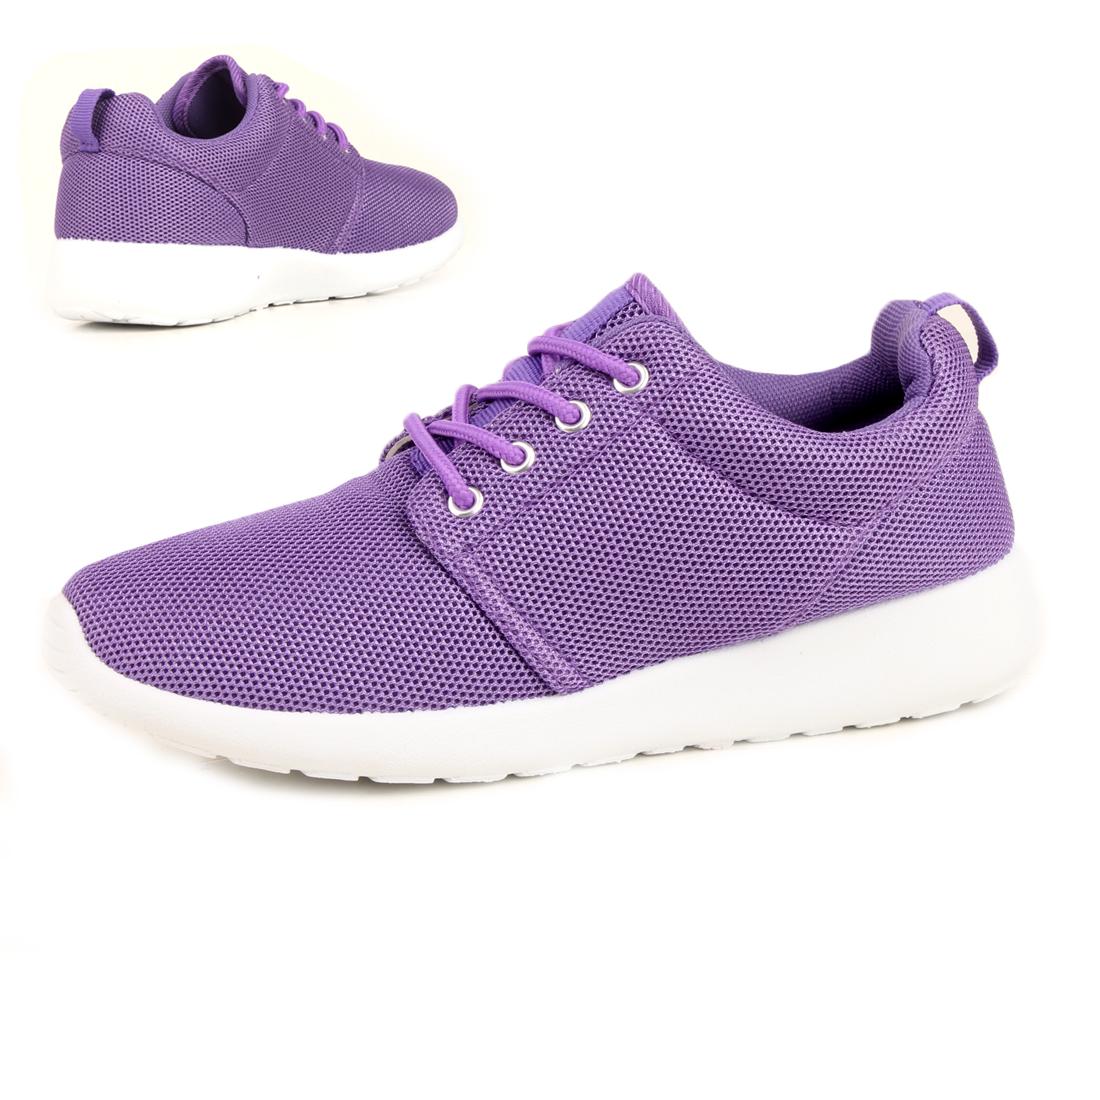 Damen Sportschuhe Trendfarben Runners Sneakers Laufschuhe 77409